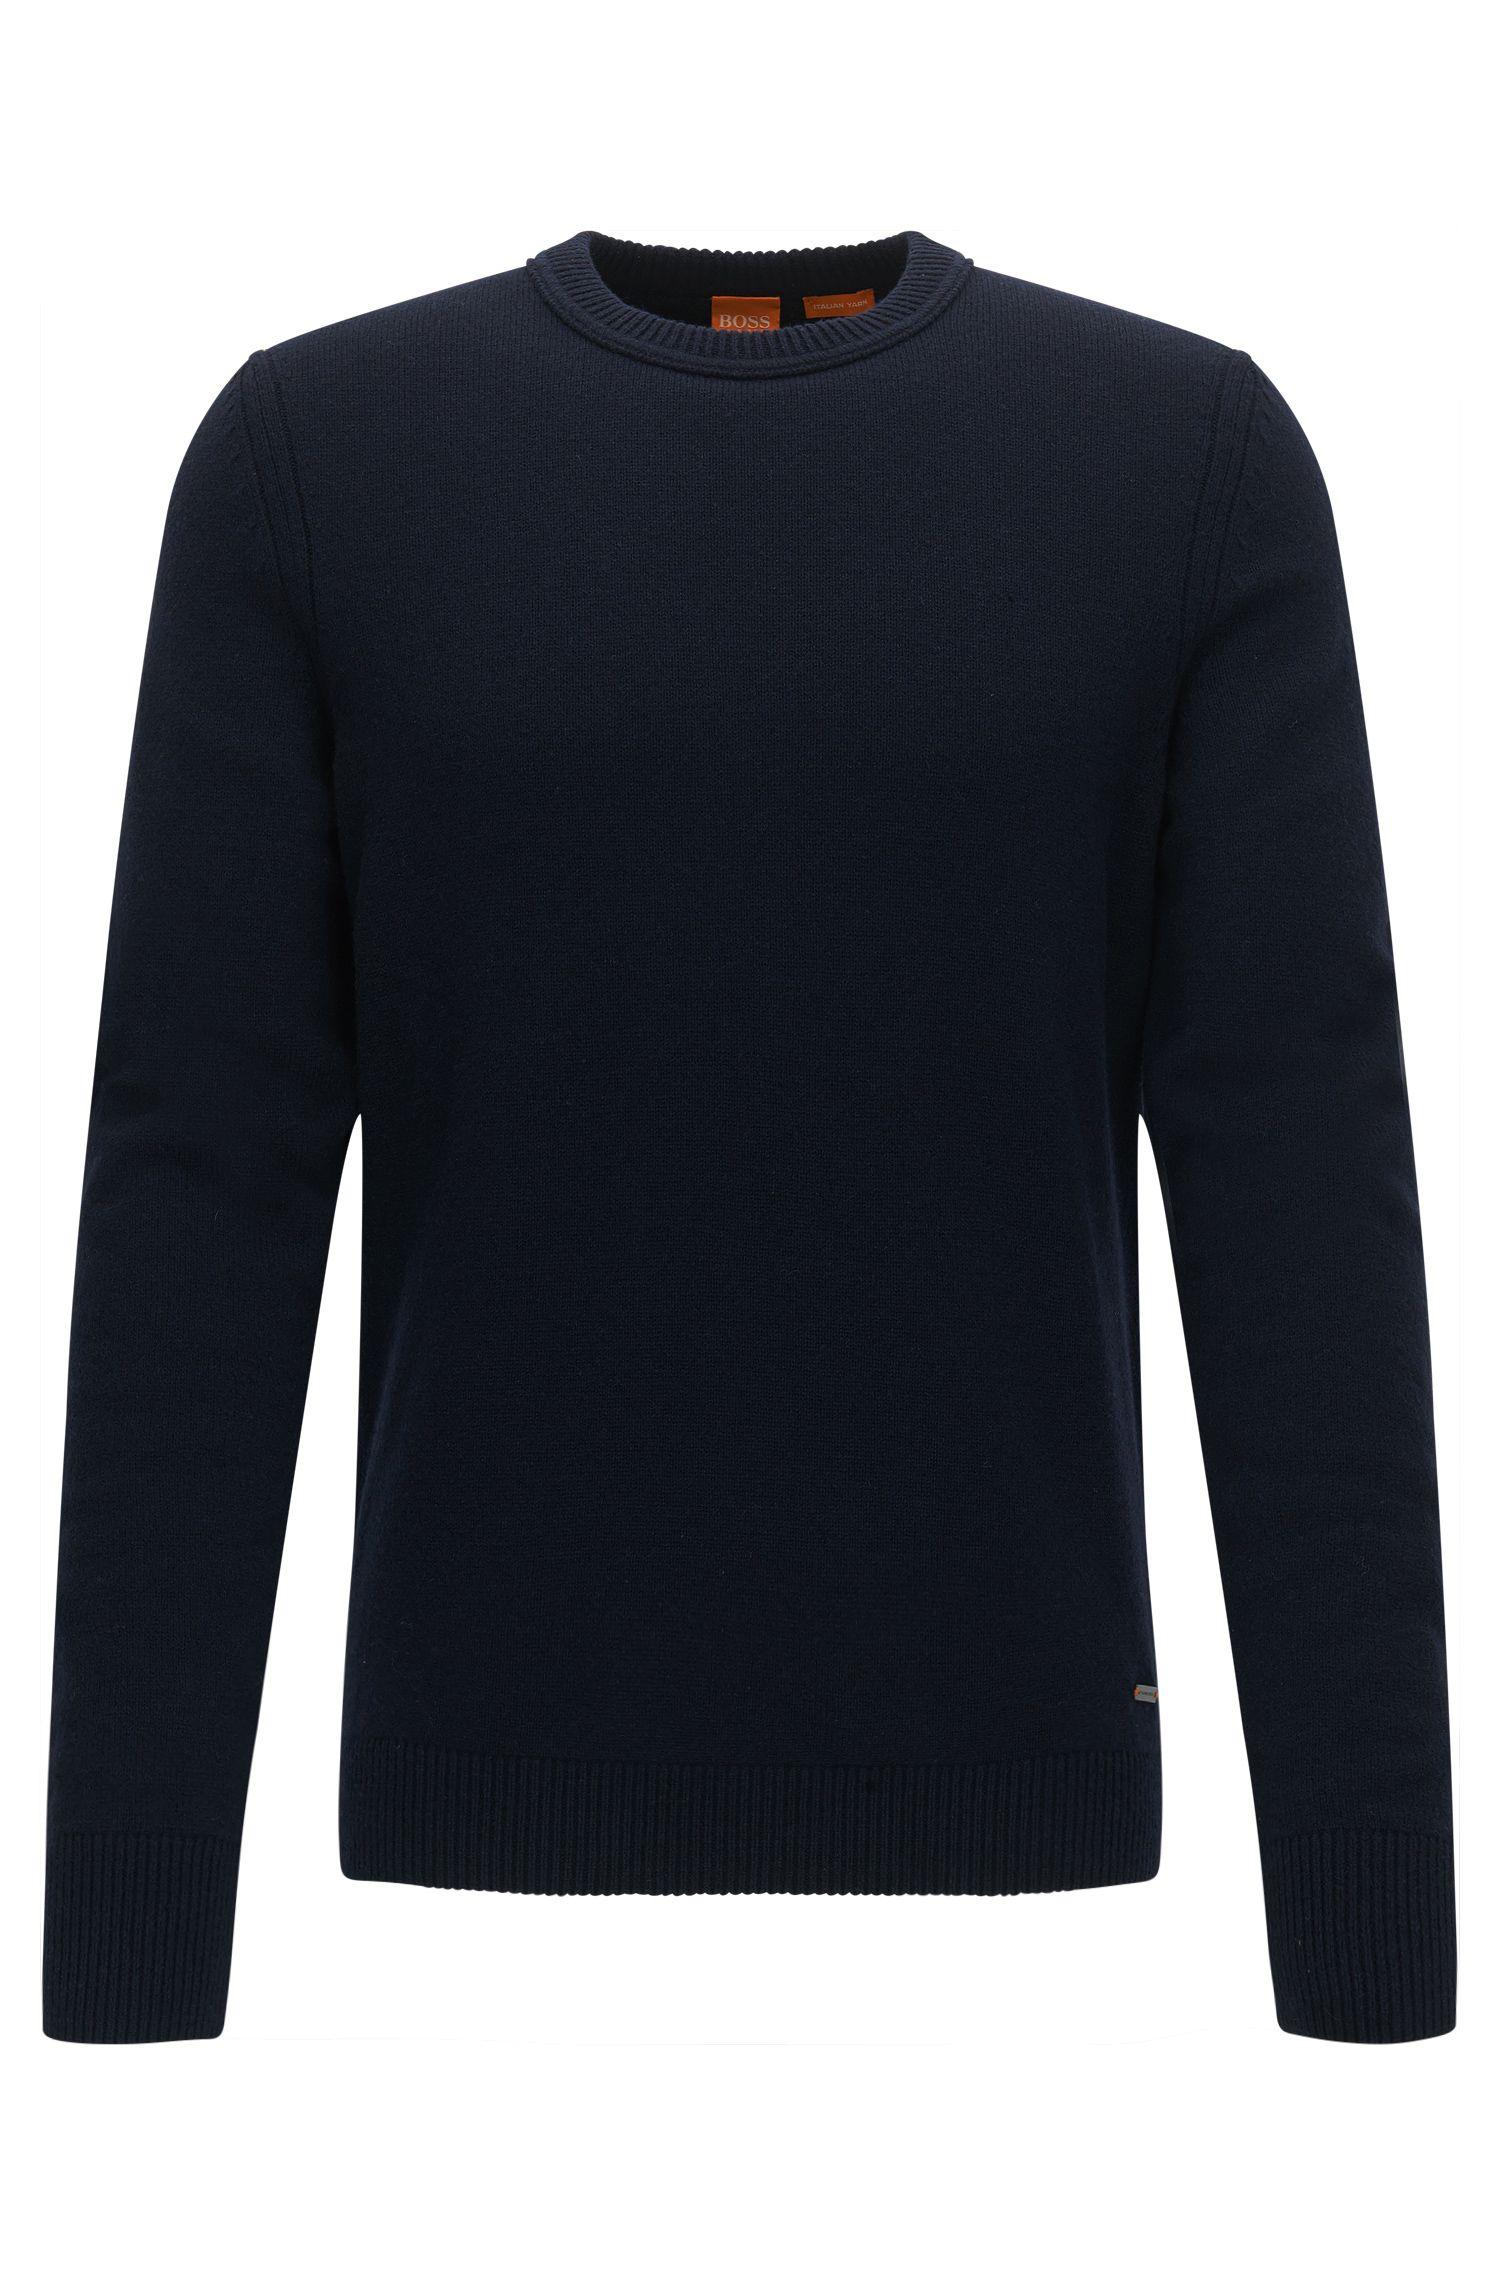 Crew-neck sweater in Italian yarn